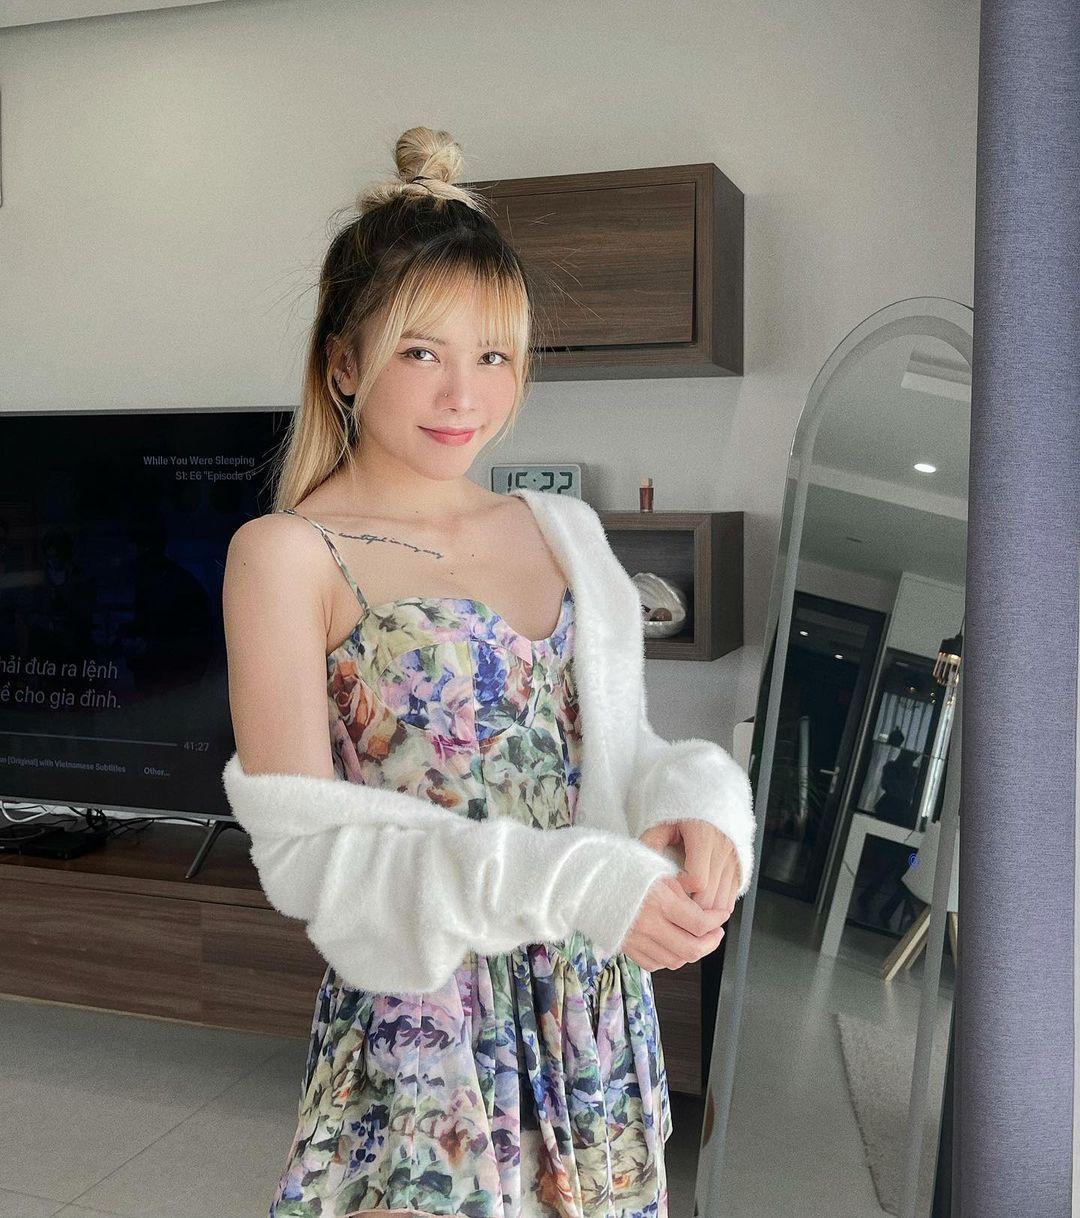 """Thiều Bảo Trâm Jennie Váy Jennie mặc từng bị chê xấu thảm họa nay Thiều Bảo Trâm cosplay lại nhưng """"lệch sóng"""" toàn tập - Ảnh 3."""